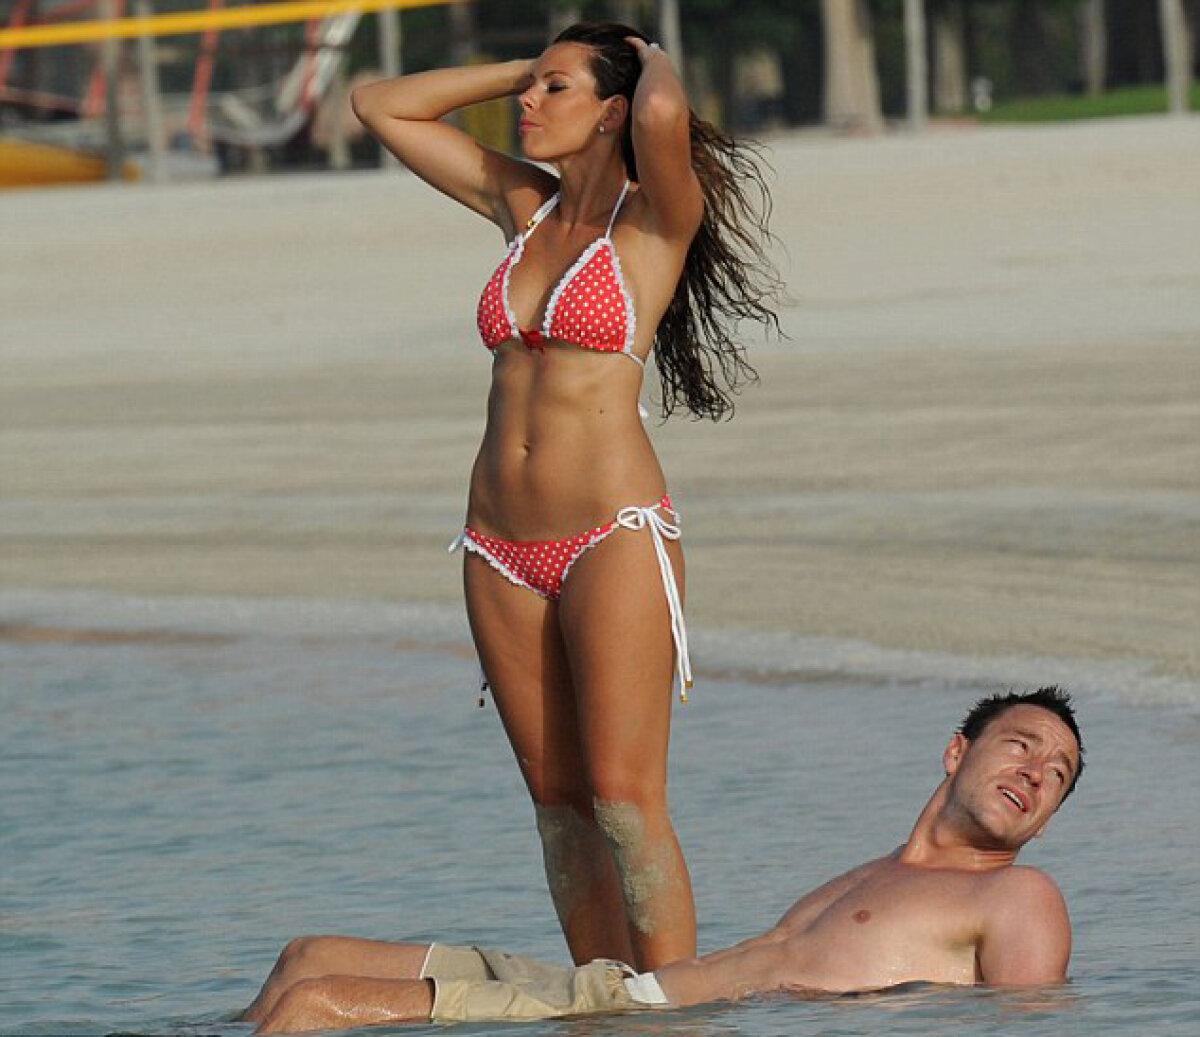 GALERIE FOTO John Terry şi soţia, poze fierbinţi pe o plajă din Abu Dhabi